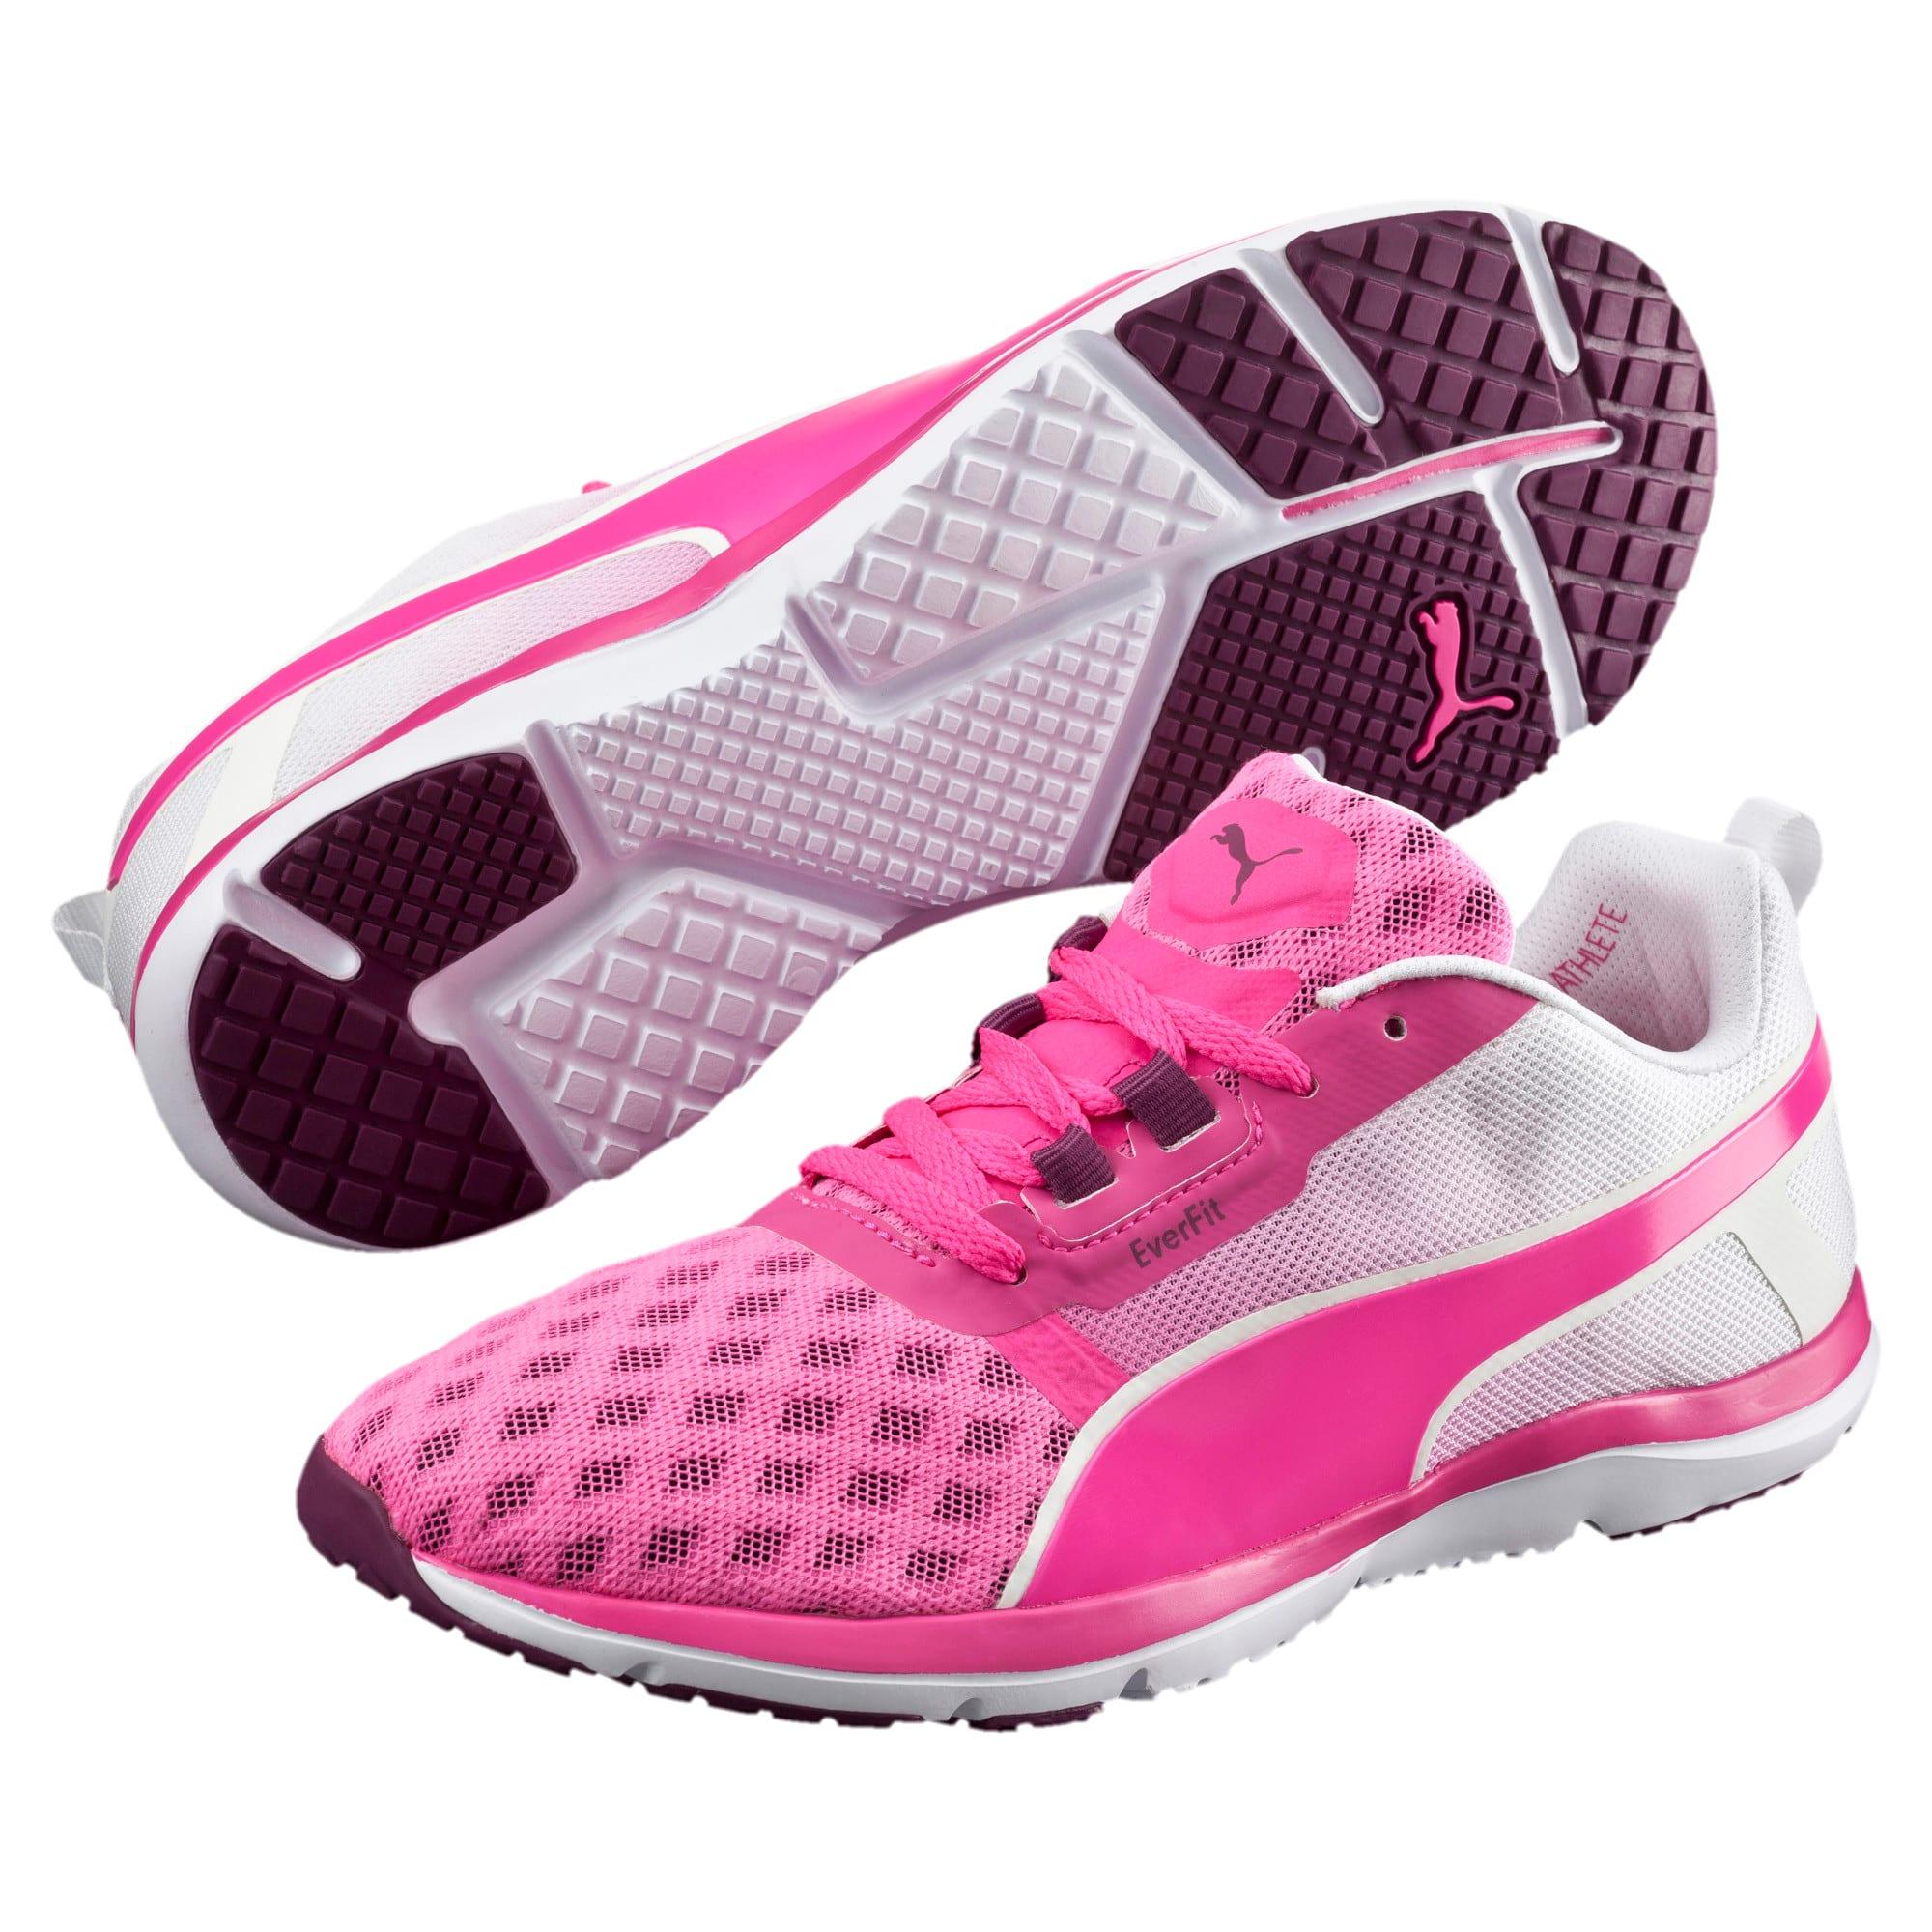 Chaussure Fitness Pulse Flex XT FT pour femme   PUMA Cyber